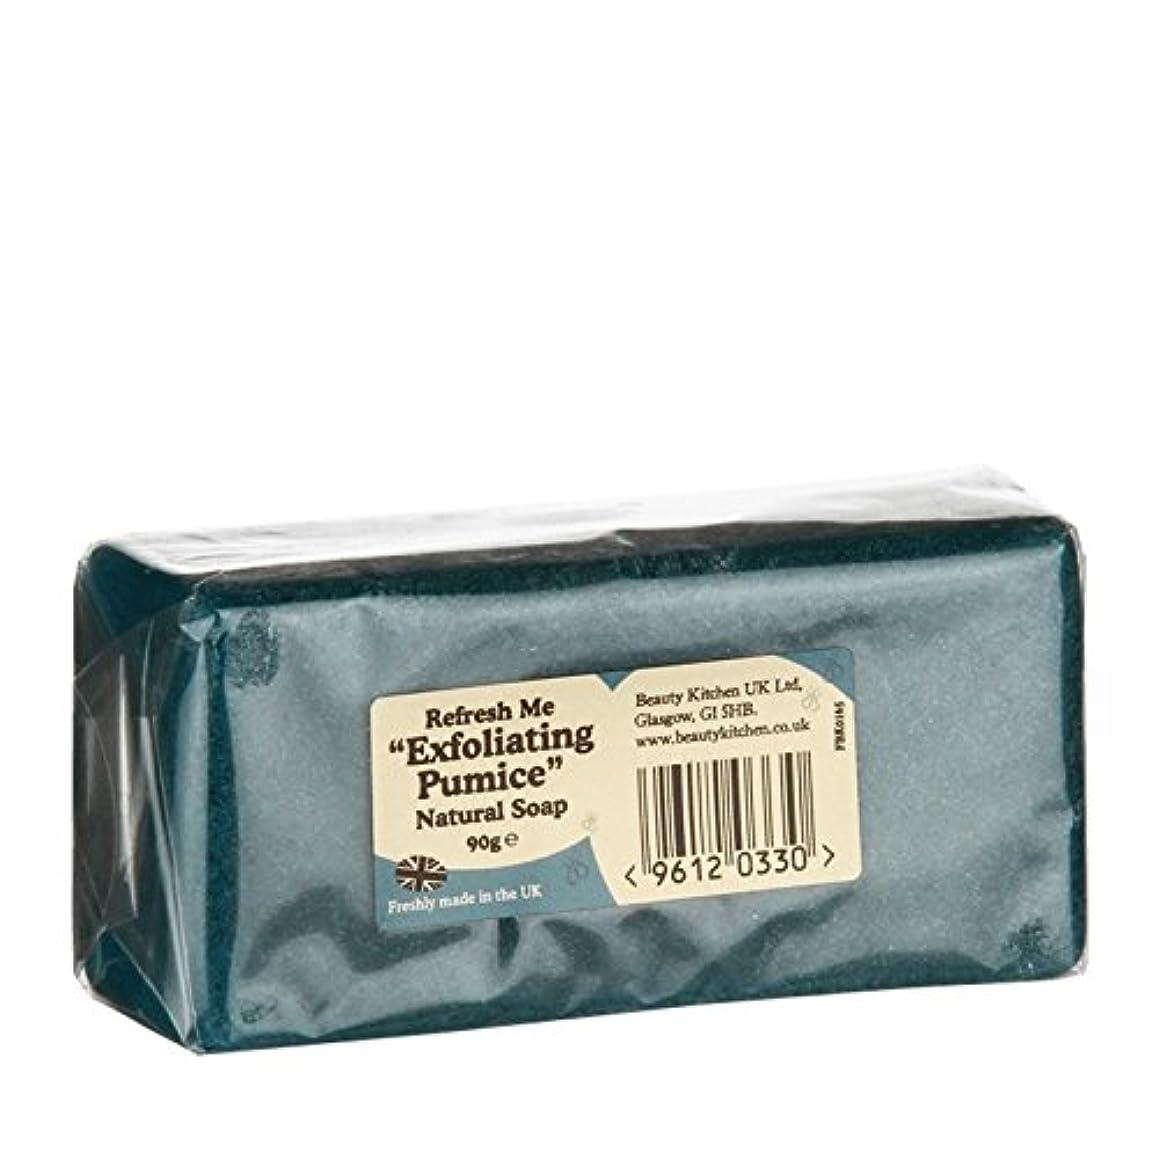 競争力のあるページボイドBeauty Kitchen Refresh Me Exfoliating Pumice Natural Soap 90g (Pack of 6) - 美しさのキッチンは、軽石の天然石鹸90グラムを剥離私をリフレッシュ...